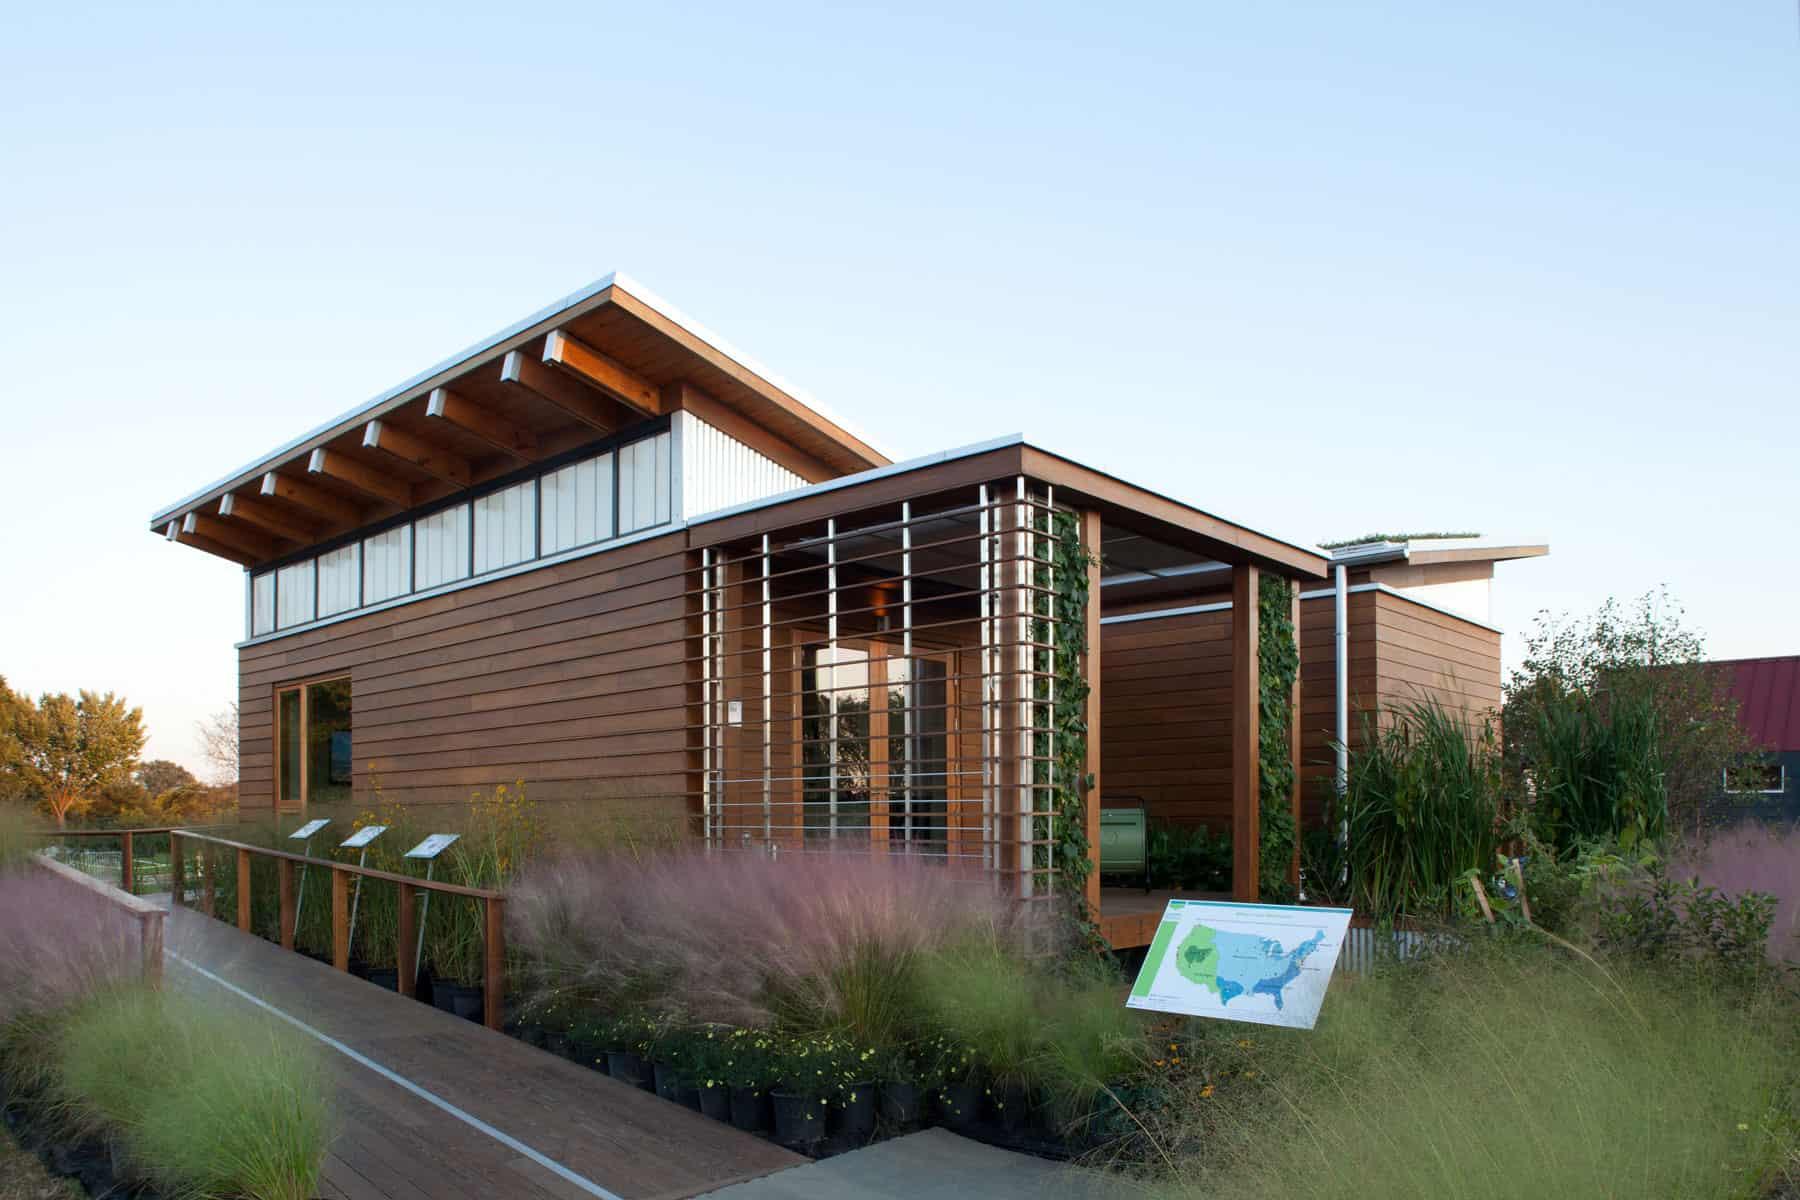 Solar Decathlon 2011 – 19 Zero Energy Homes – Part 4/4